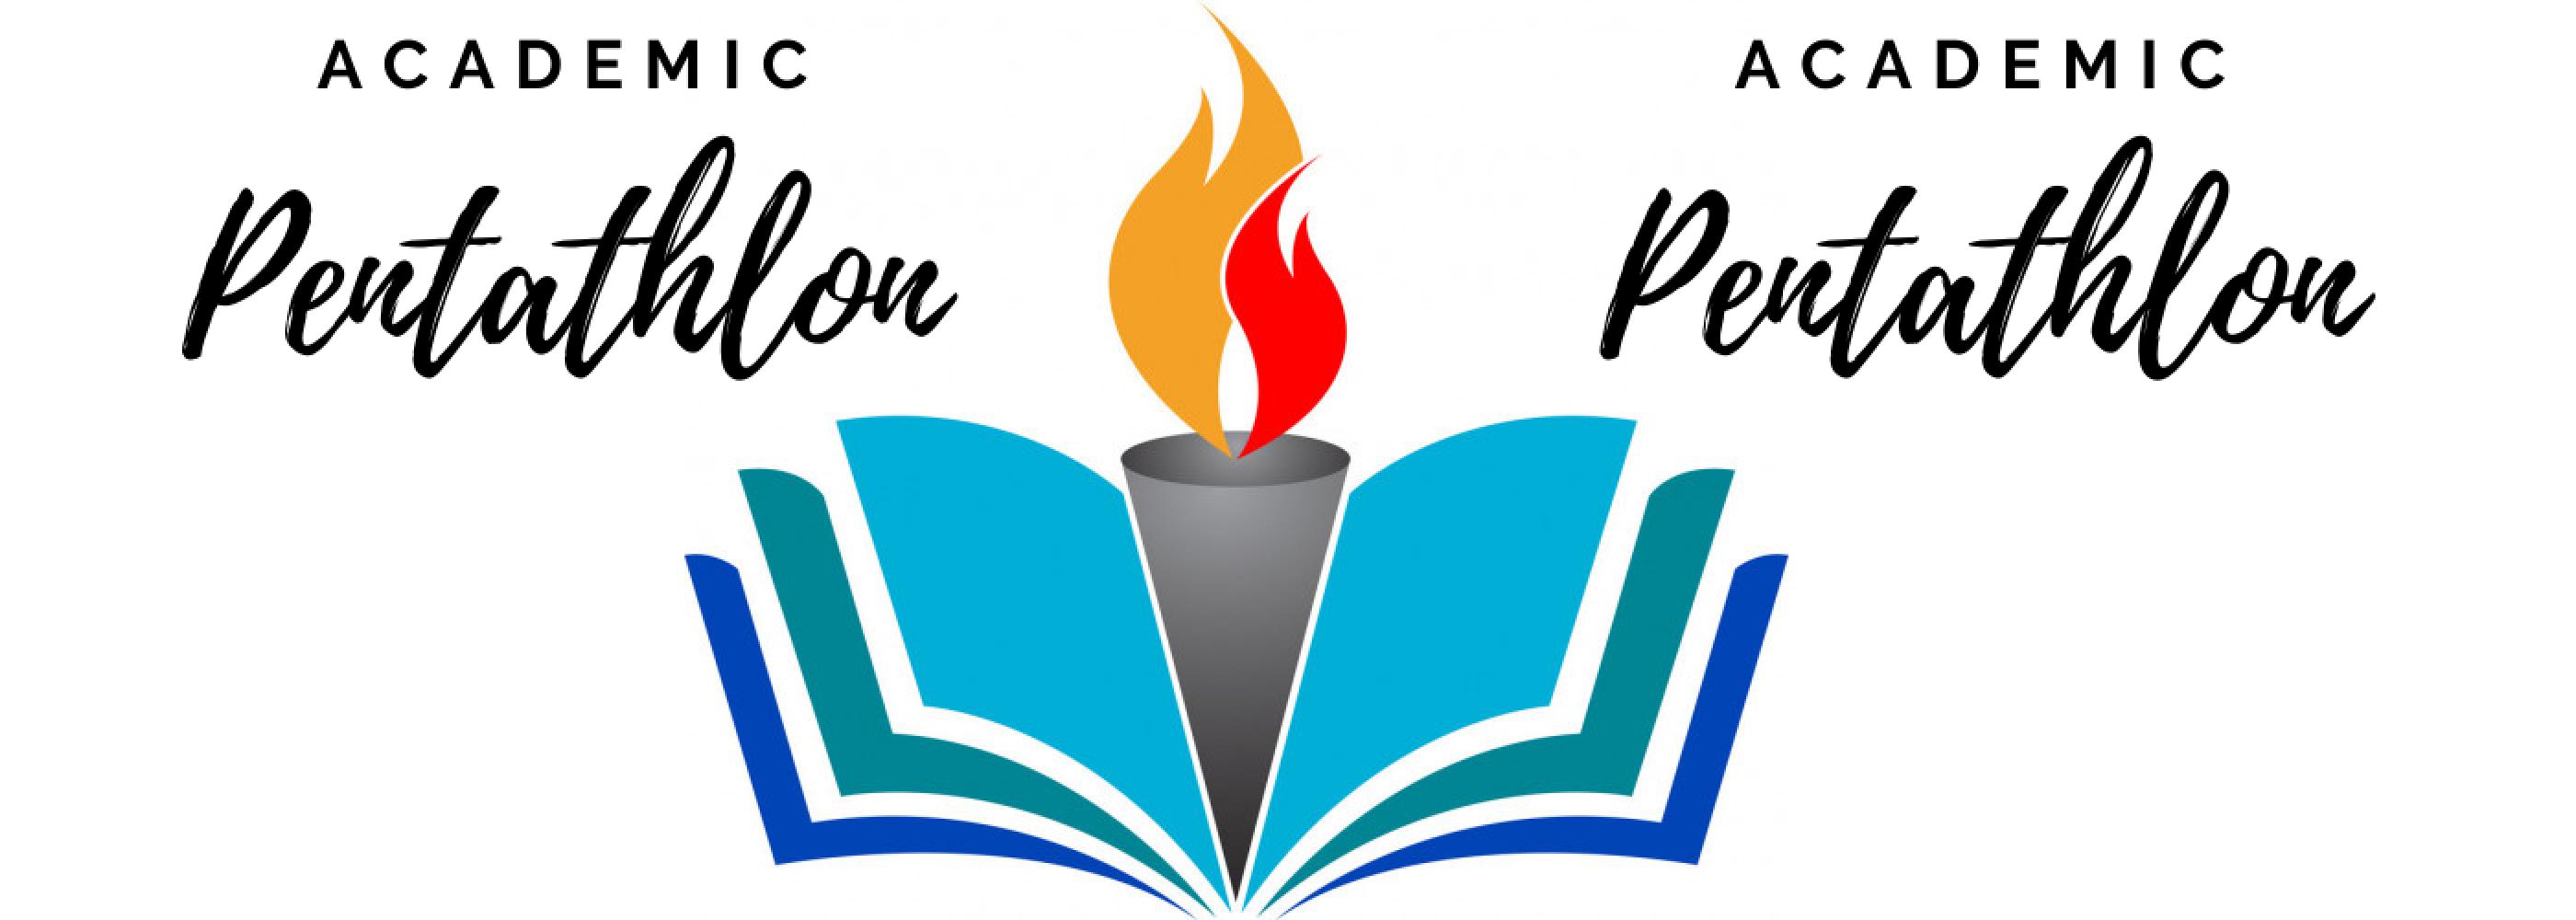 Academic Pentathlon